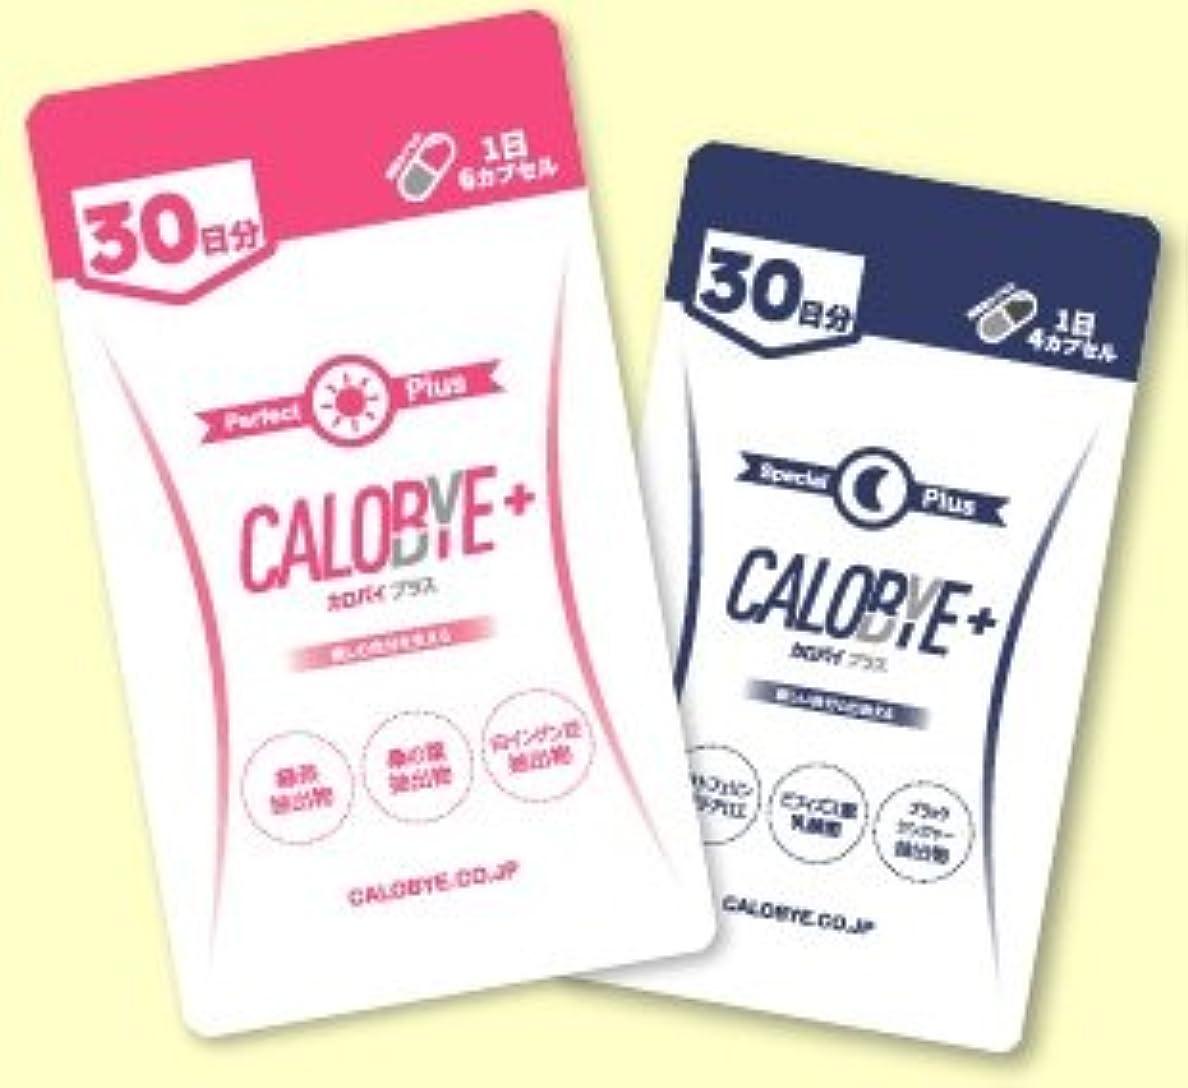 誘うナイトスポット黒板CALOBYE+ (カロバイプラス) CALOBYE SPECIAL+ (カロバイスペシャルプラス) 昼夜セット